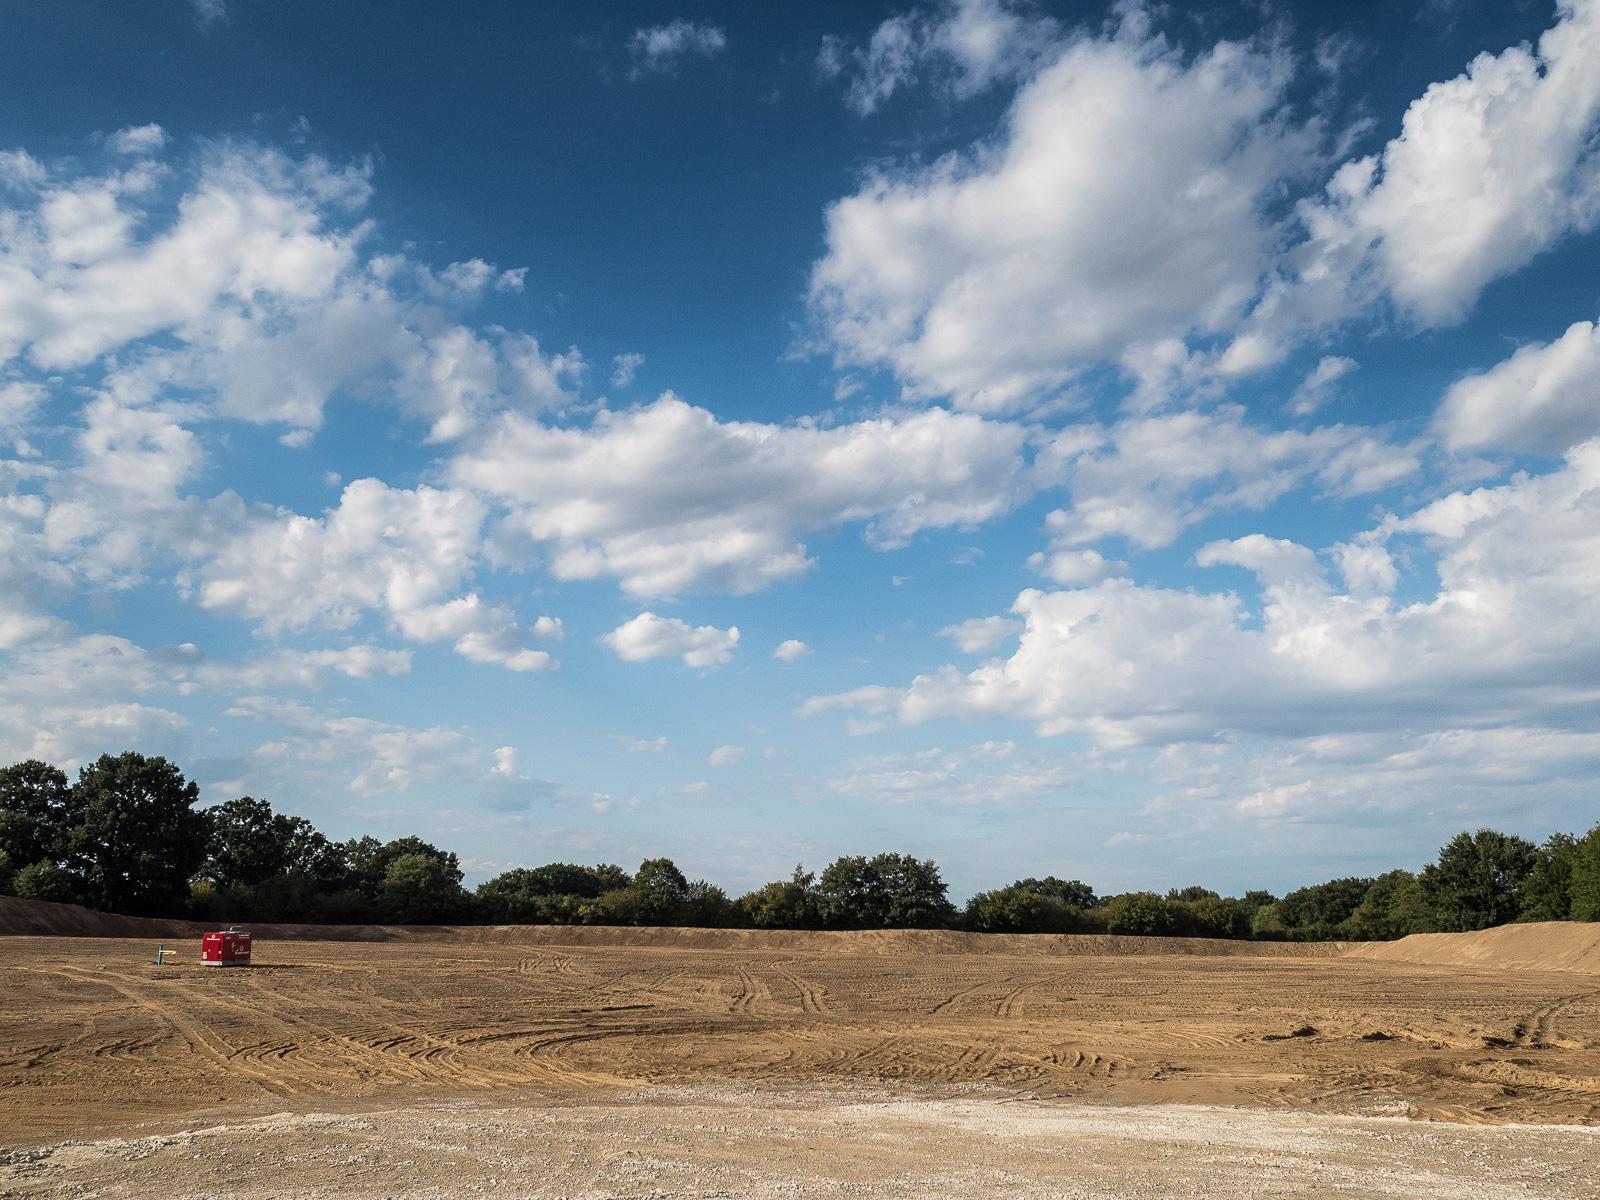 Planiertes ehemaliges Getreidefeld mit rotem Container und dekorativen norddeutschen Wolken drüber